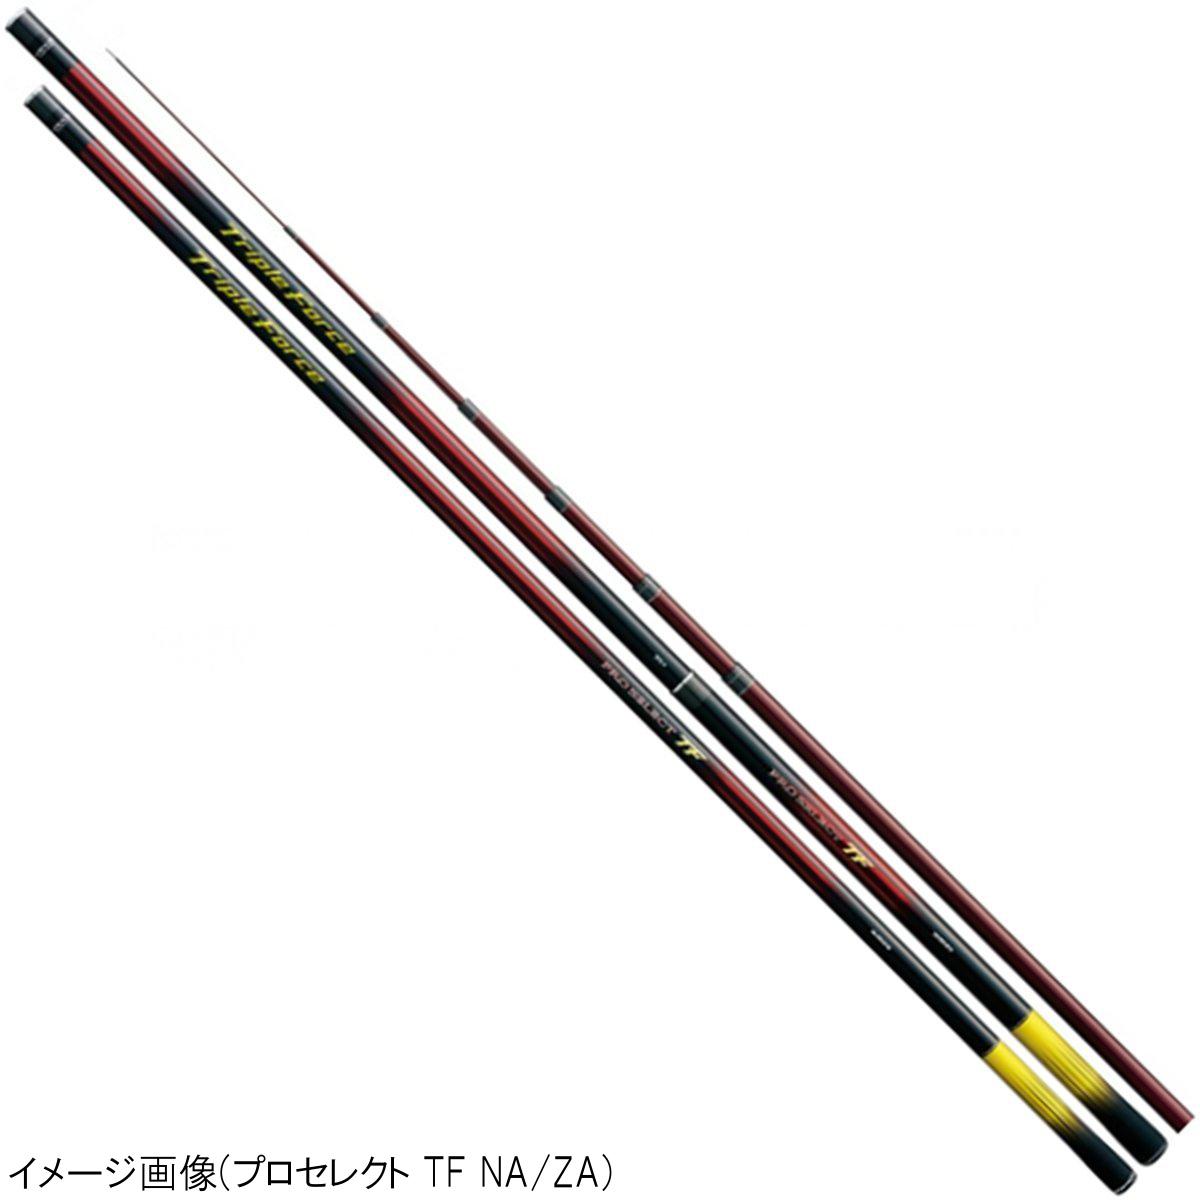 プロセレクト TF 急瀬P 95-100ZA シマノ【大型商品】【同梱不可】